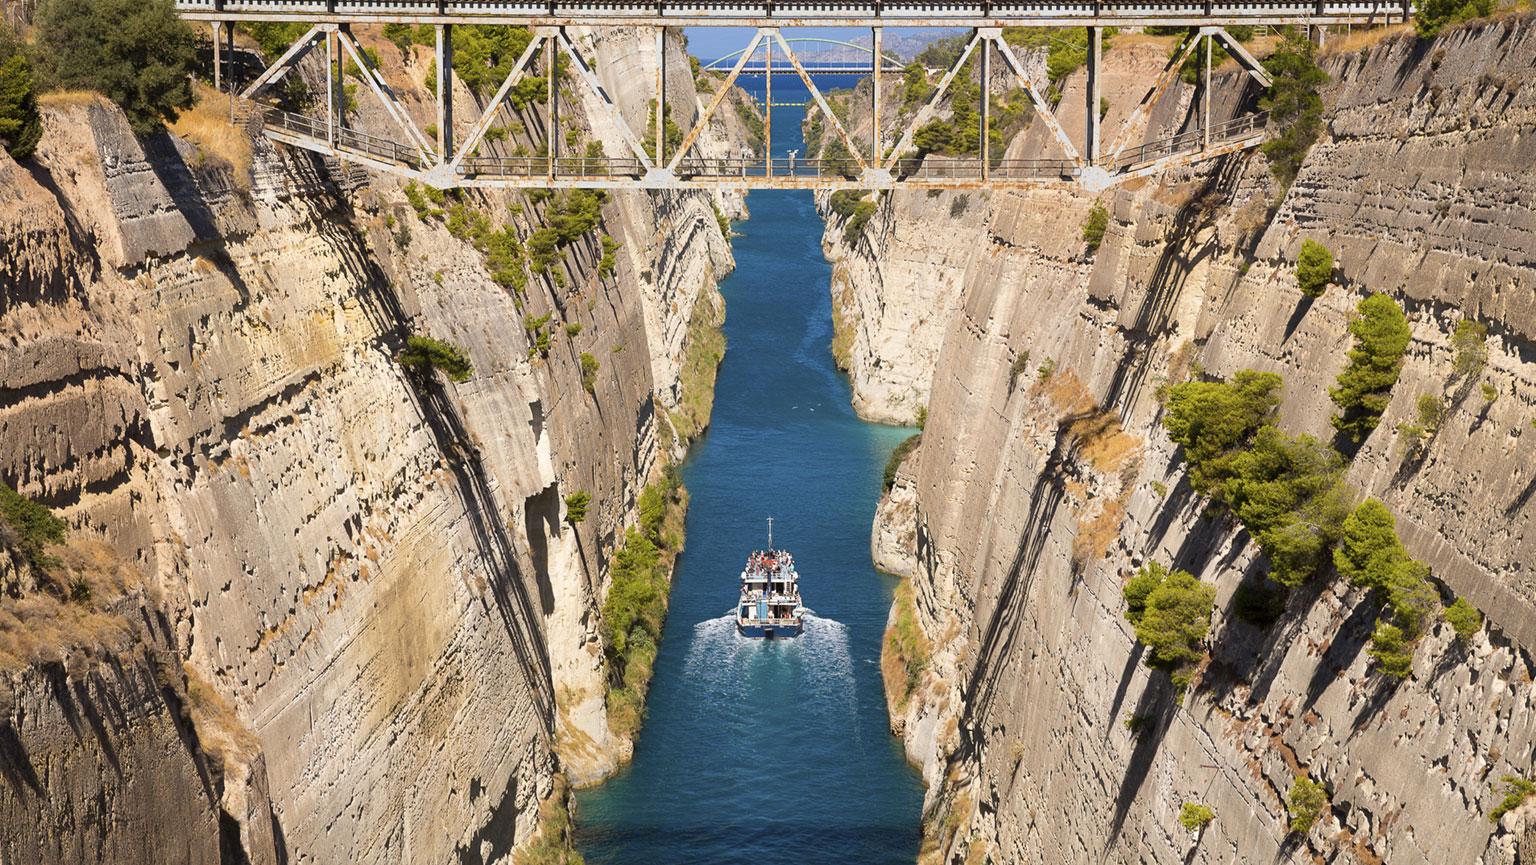 Seeking the Good Life—Corinth to Epidauros